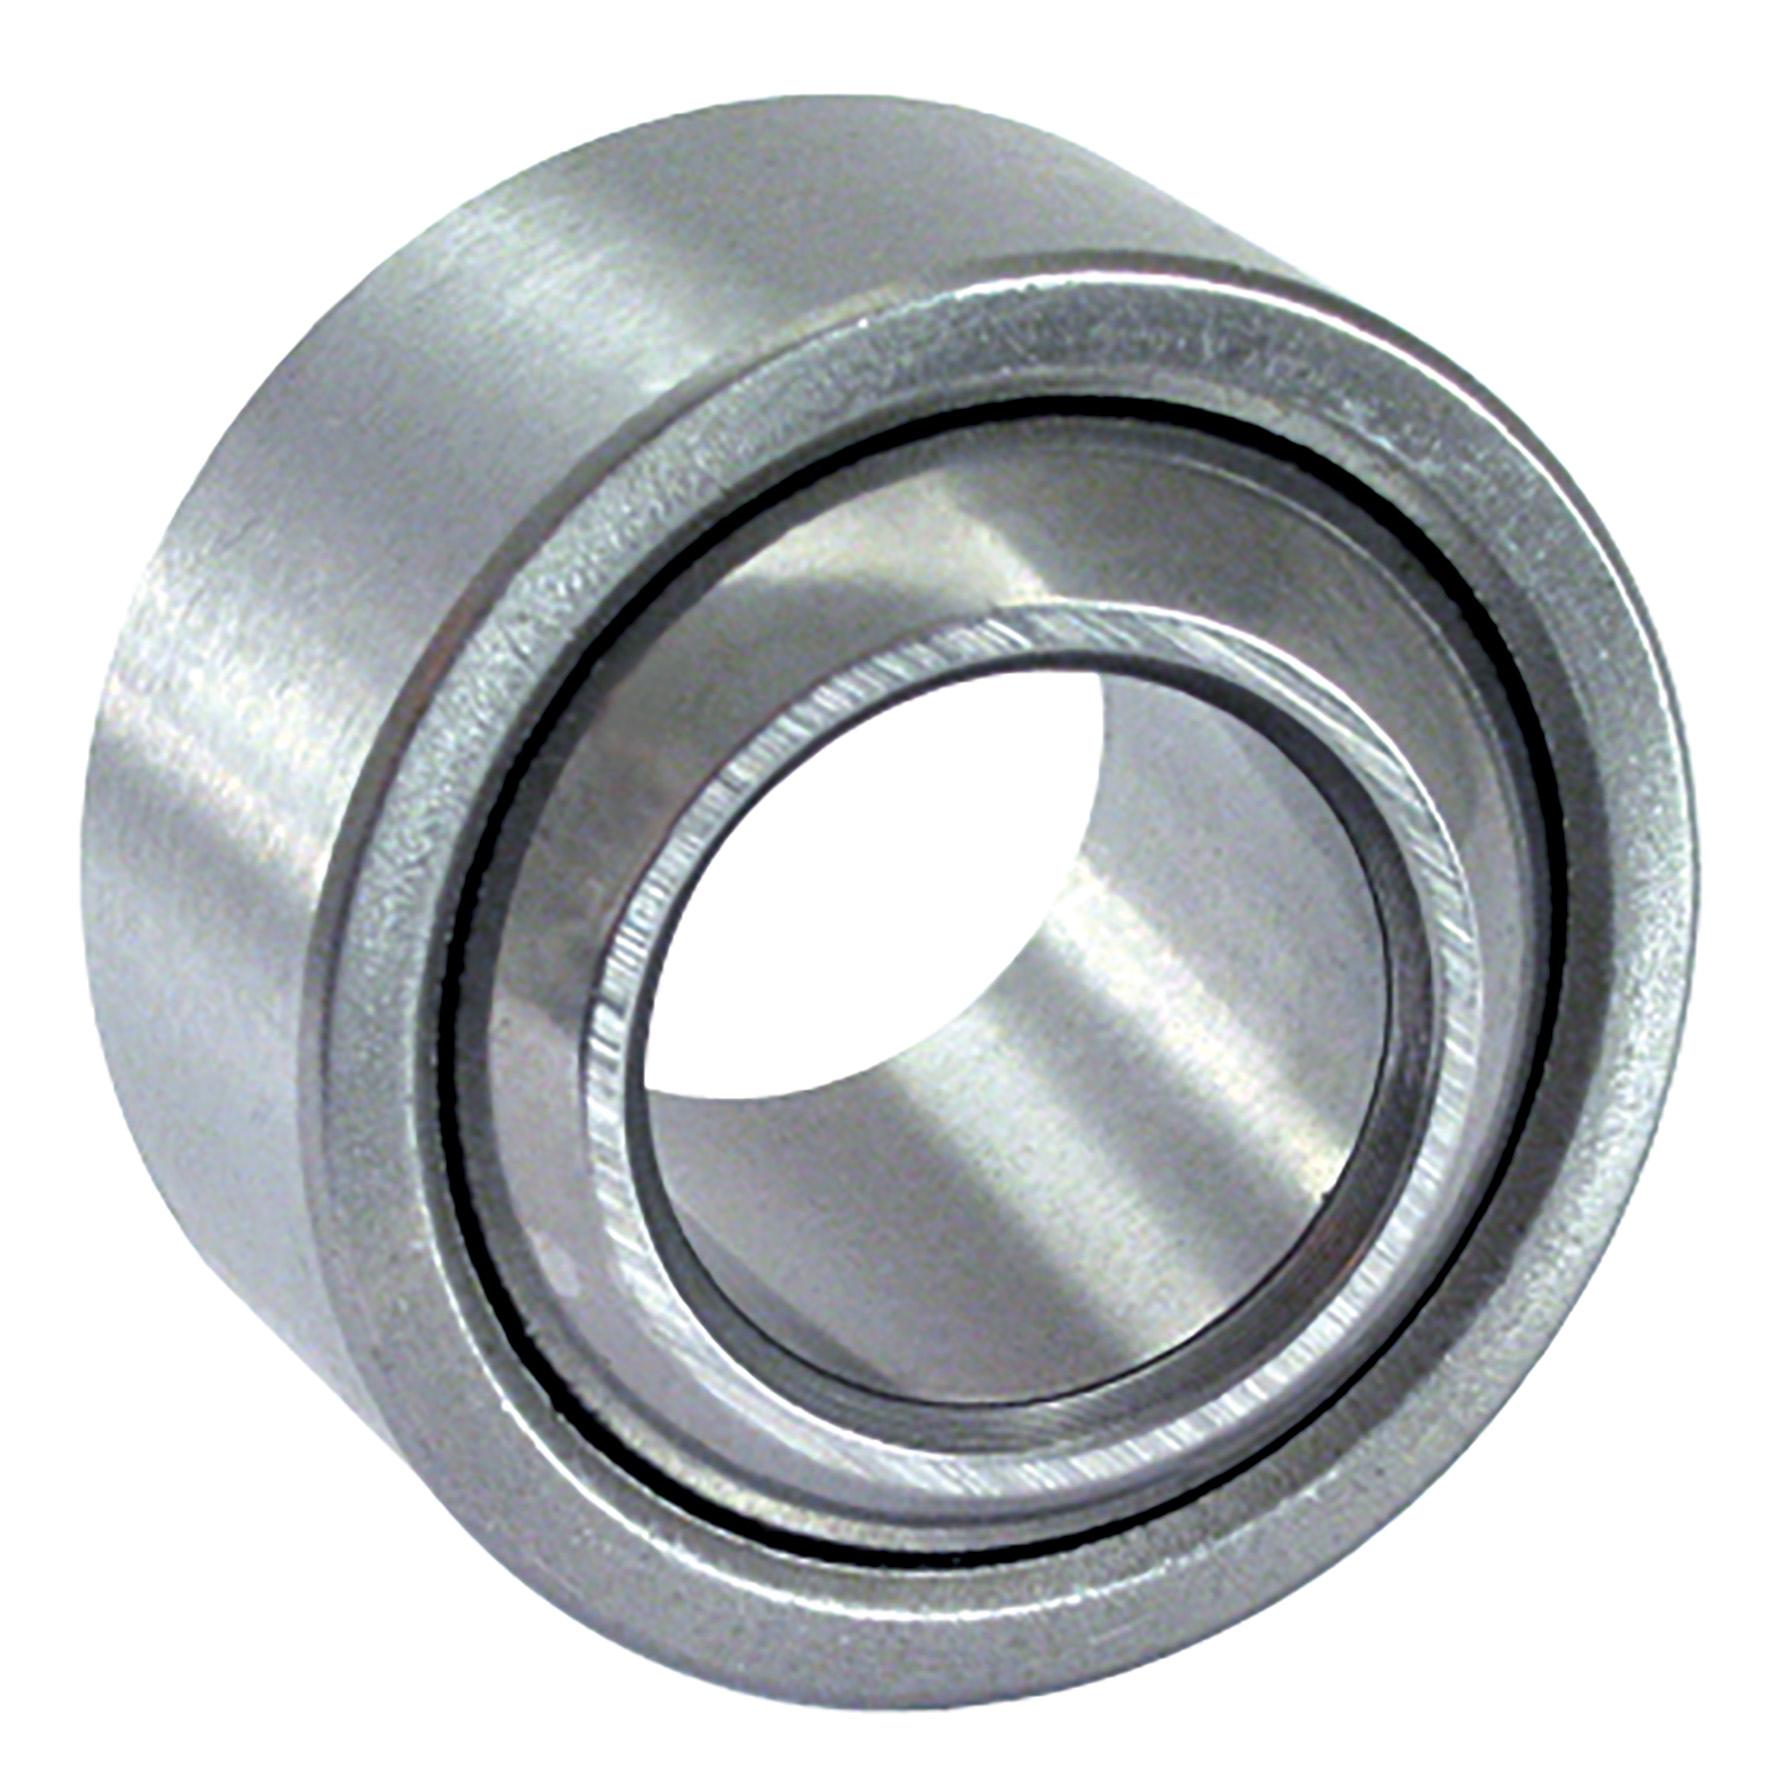 Spherical bearing - Steel / self lubricating steel - DIN ISO 12240-1 -